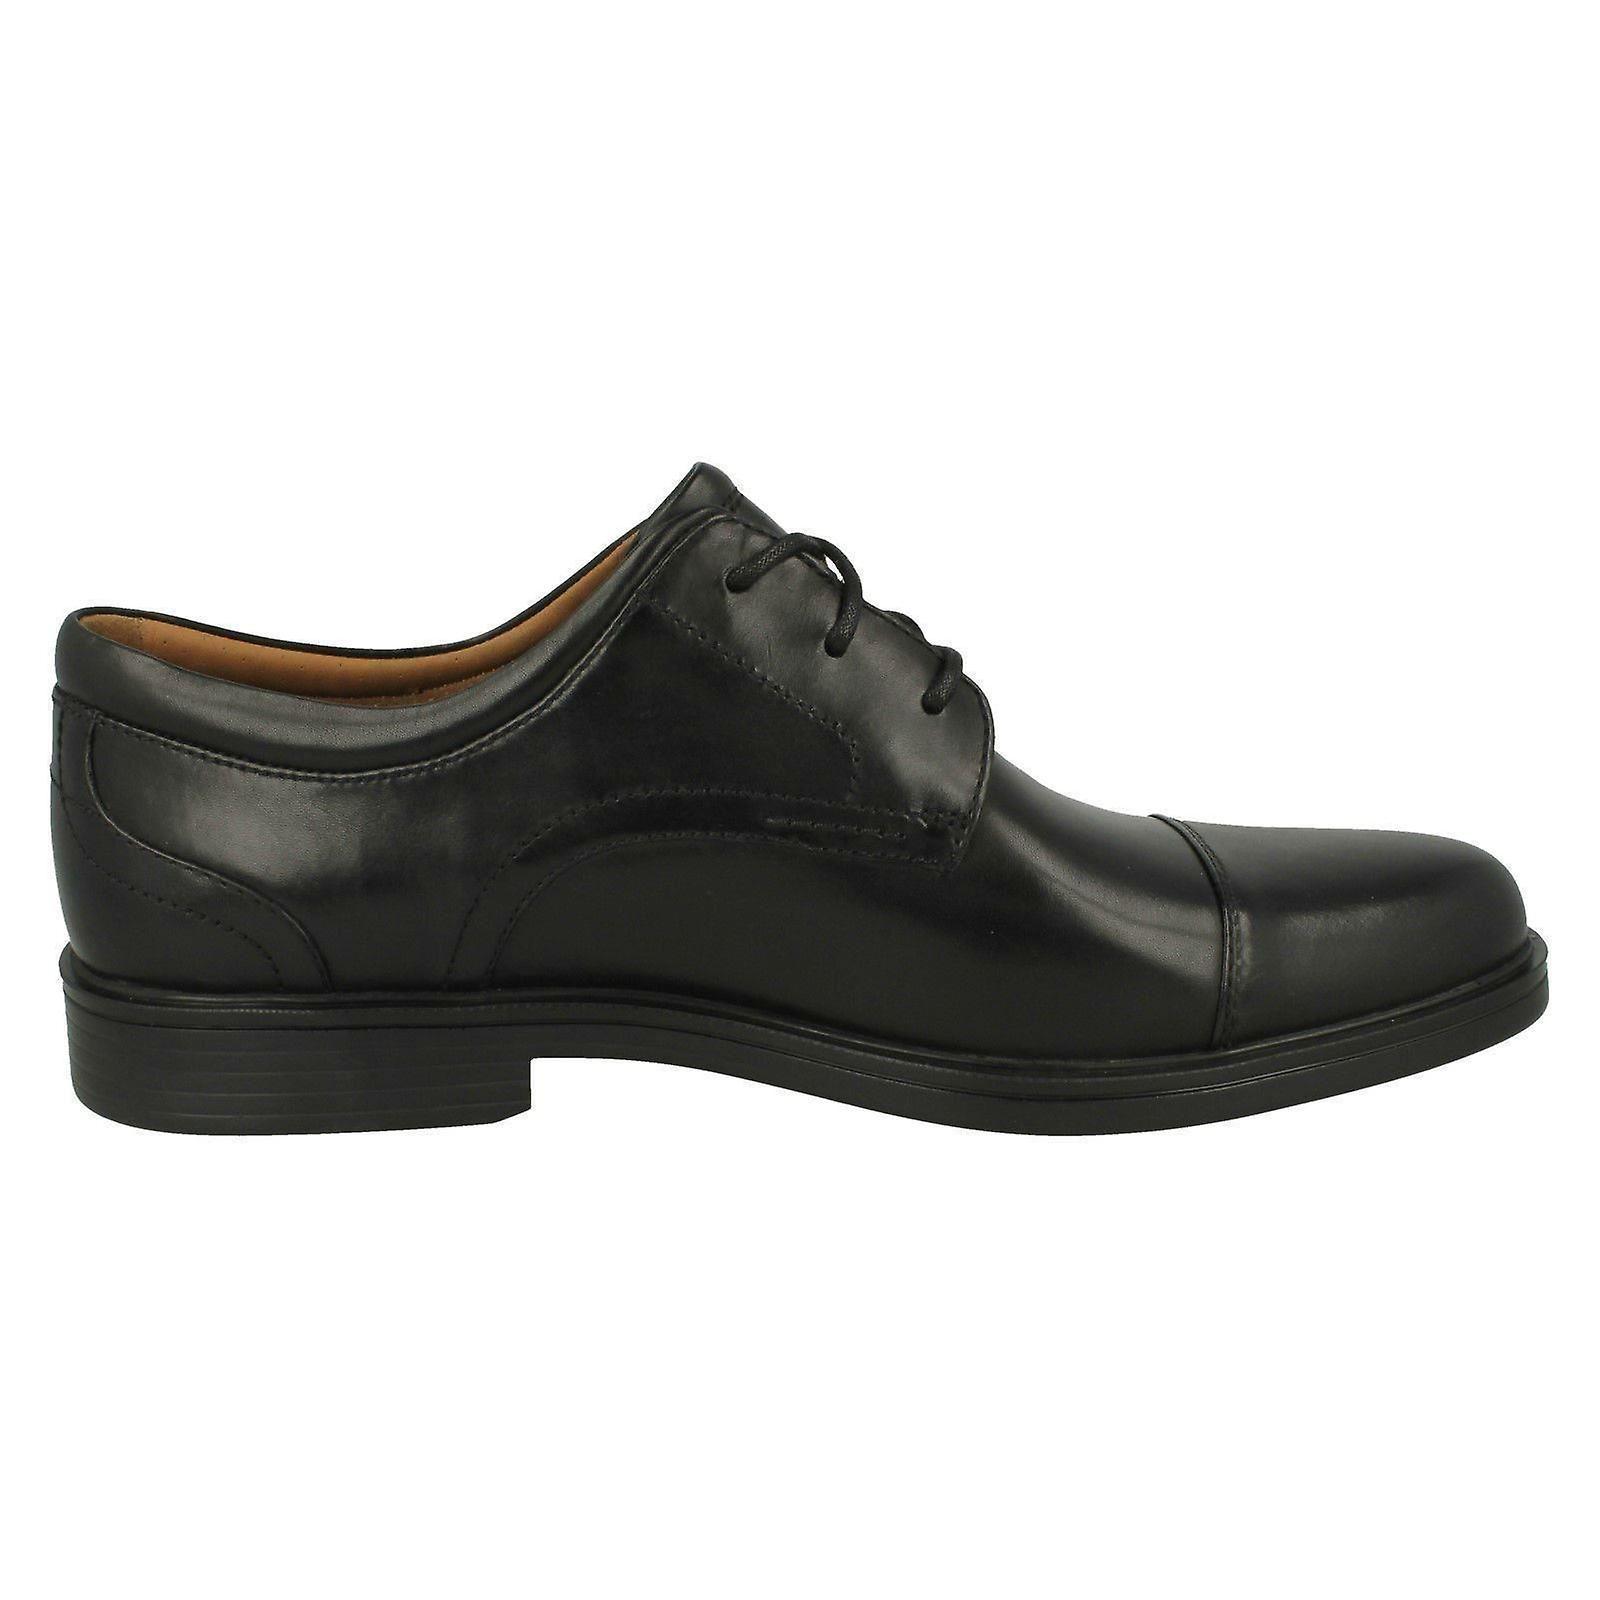 mens clark formale delle nazioni nazioni nazioni unite allacciarsi le scarpe aldric pac | Good Design  | Moda E Pacchetti Interessanti  | Uomo/Donne Scarpa  b6a97d